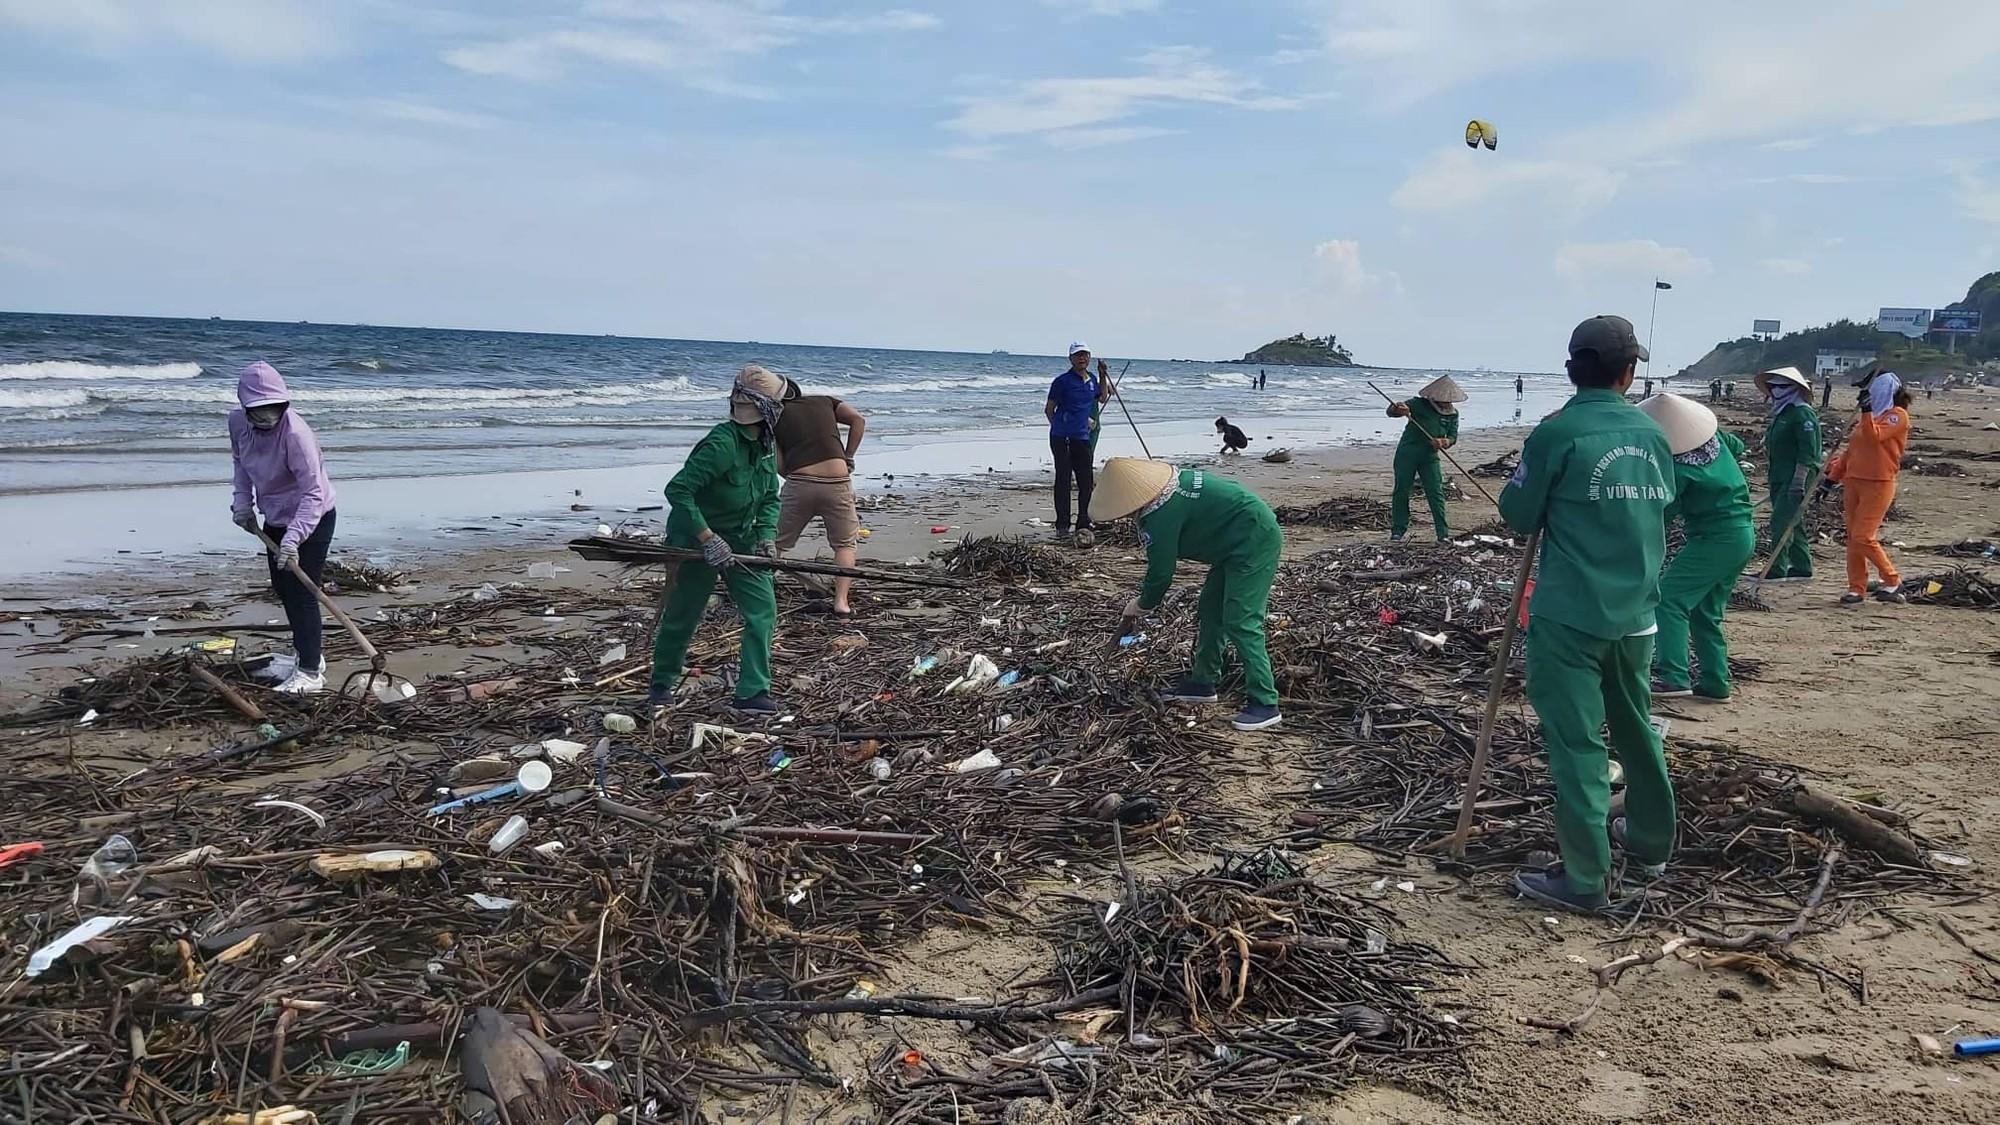 Cận cảnh bãi biển Vũng Tàu bị cả trăm tấn rác vây kín! - Ảnh 4.